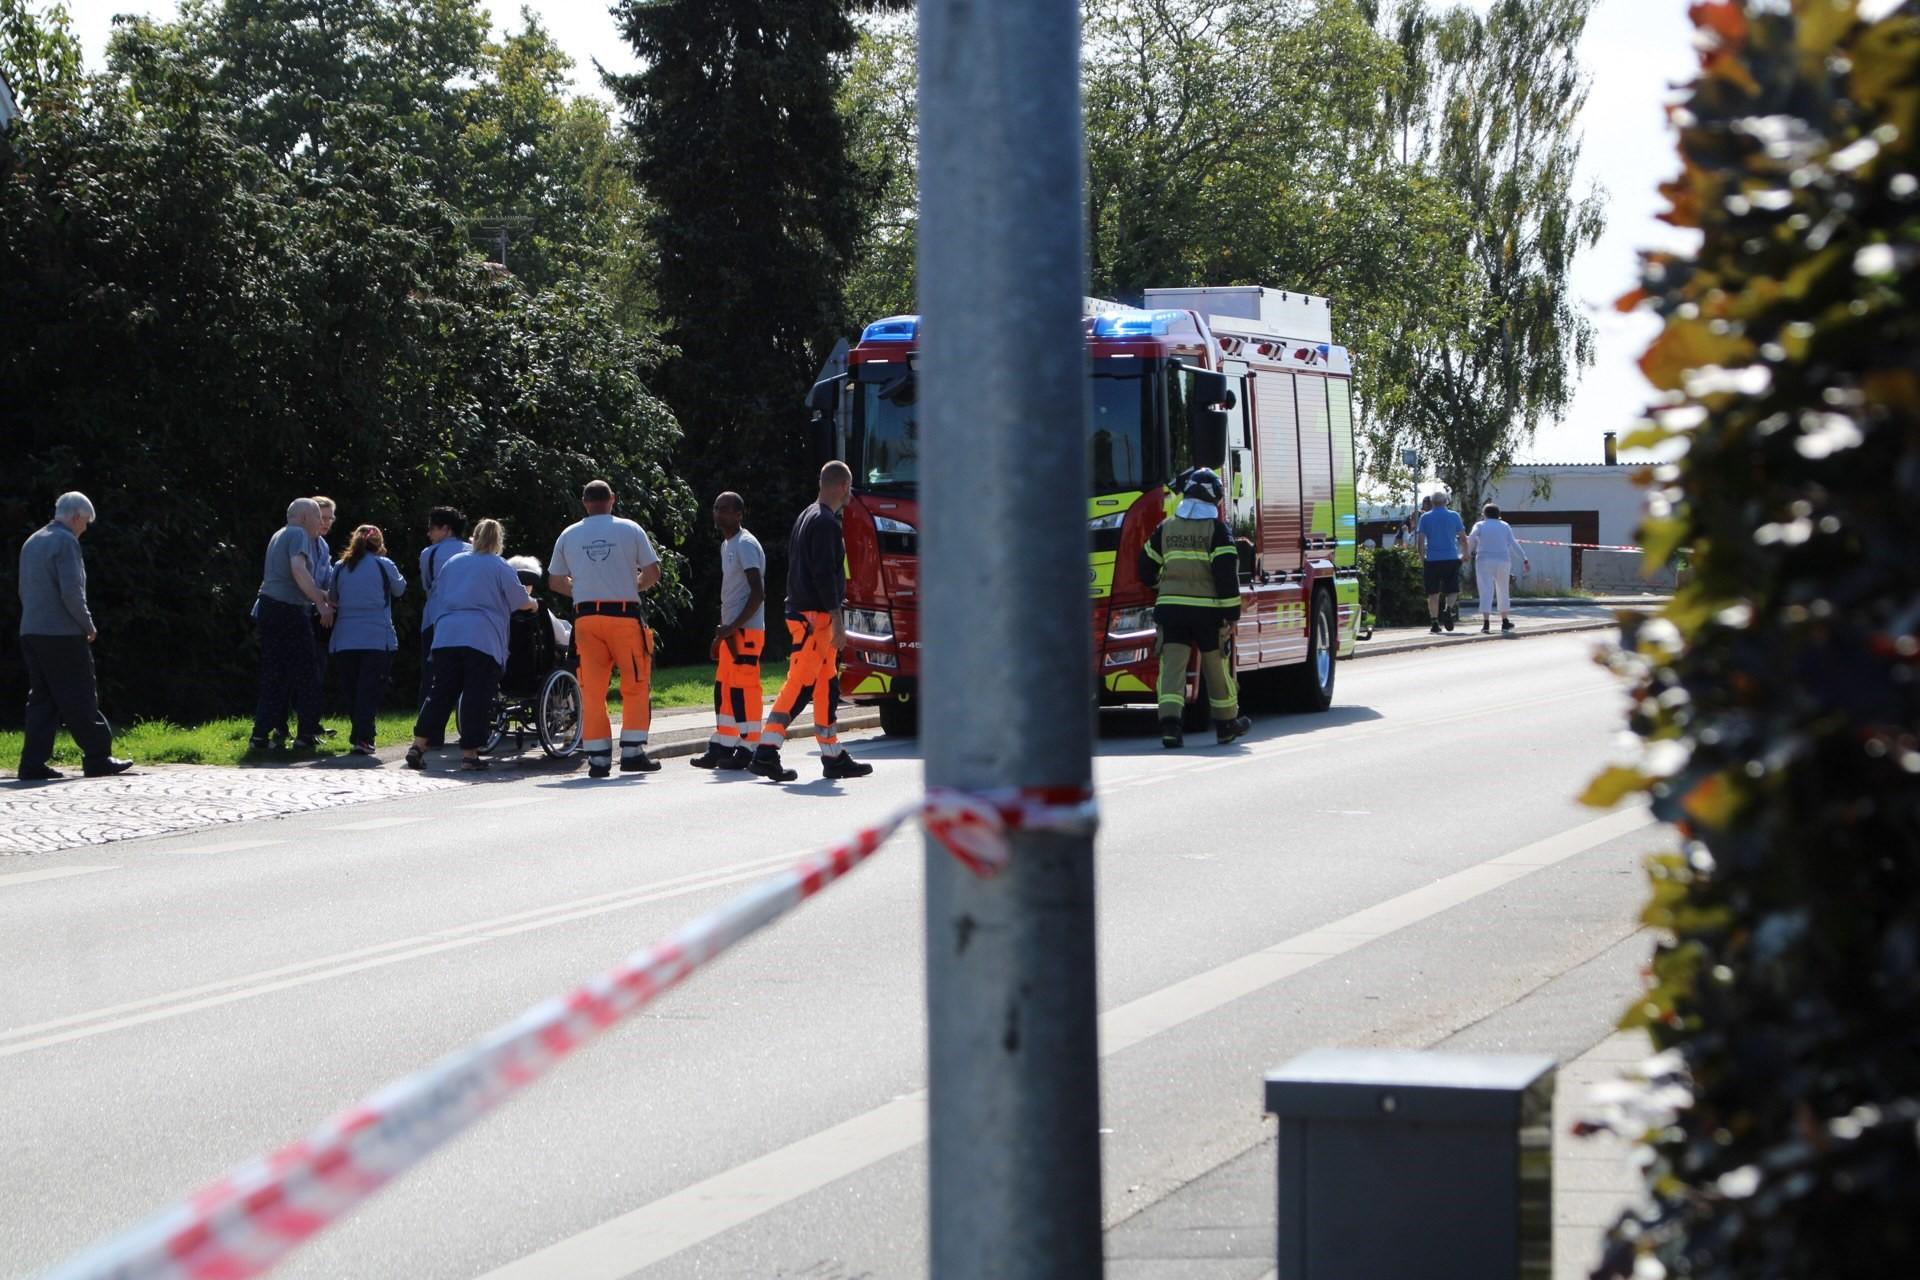 Brud på gasledning ved Roskilde - plejehjemsbeboere evakueret